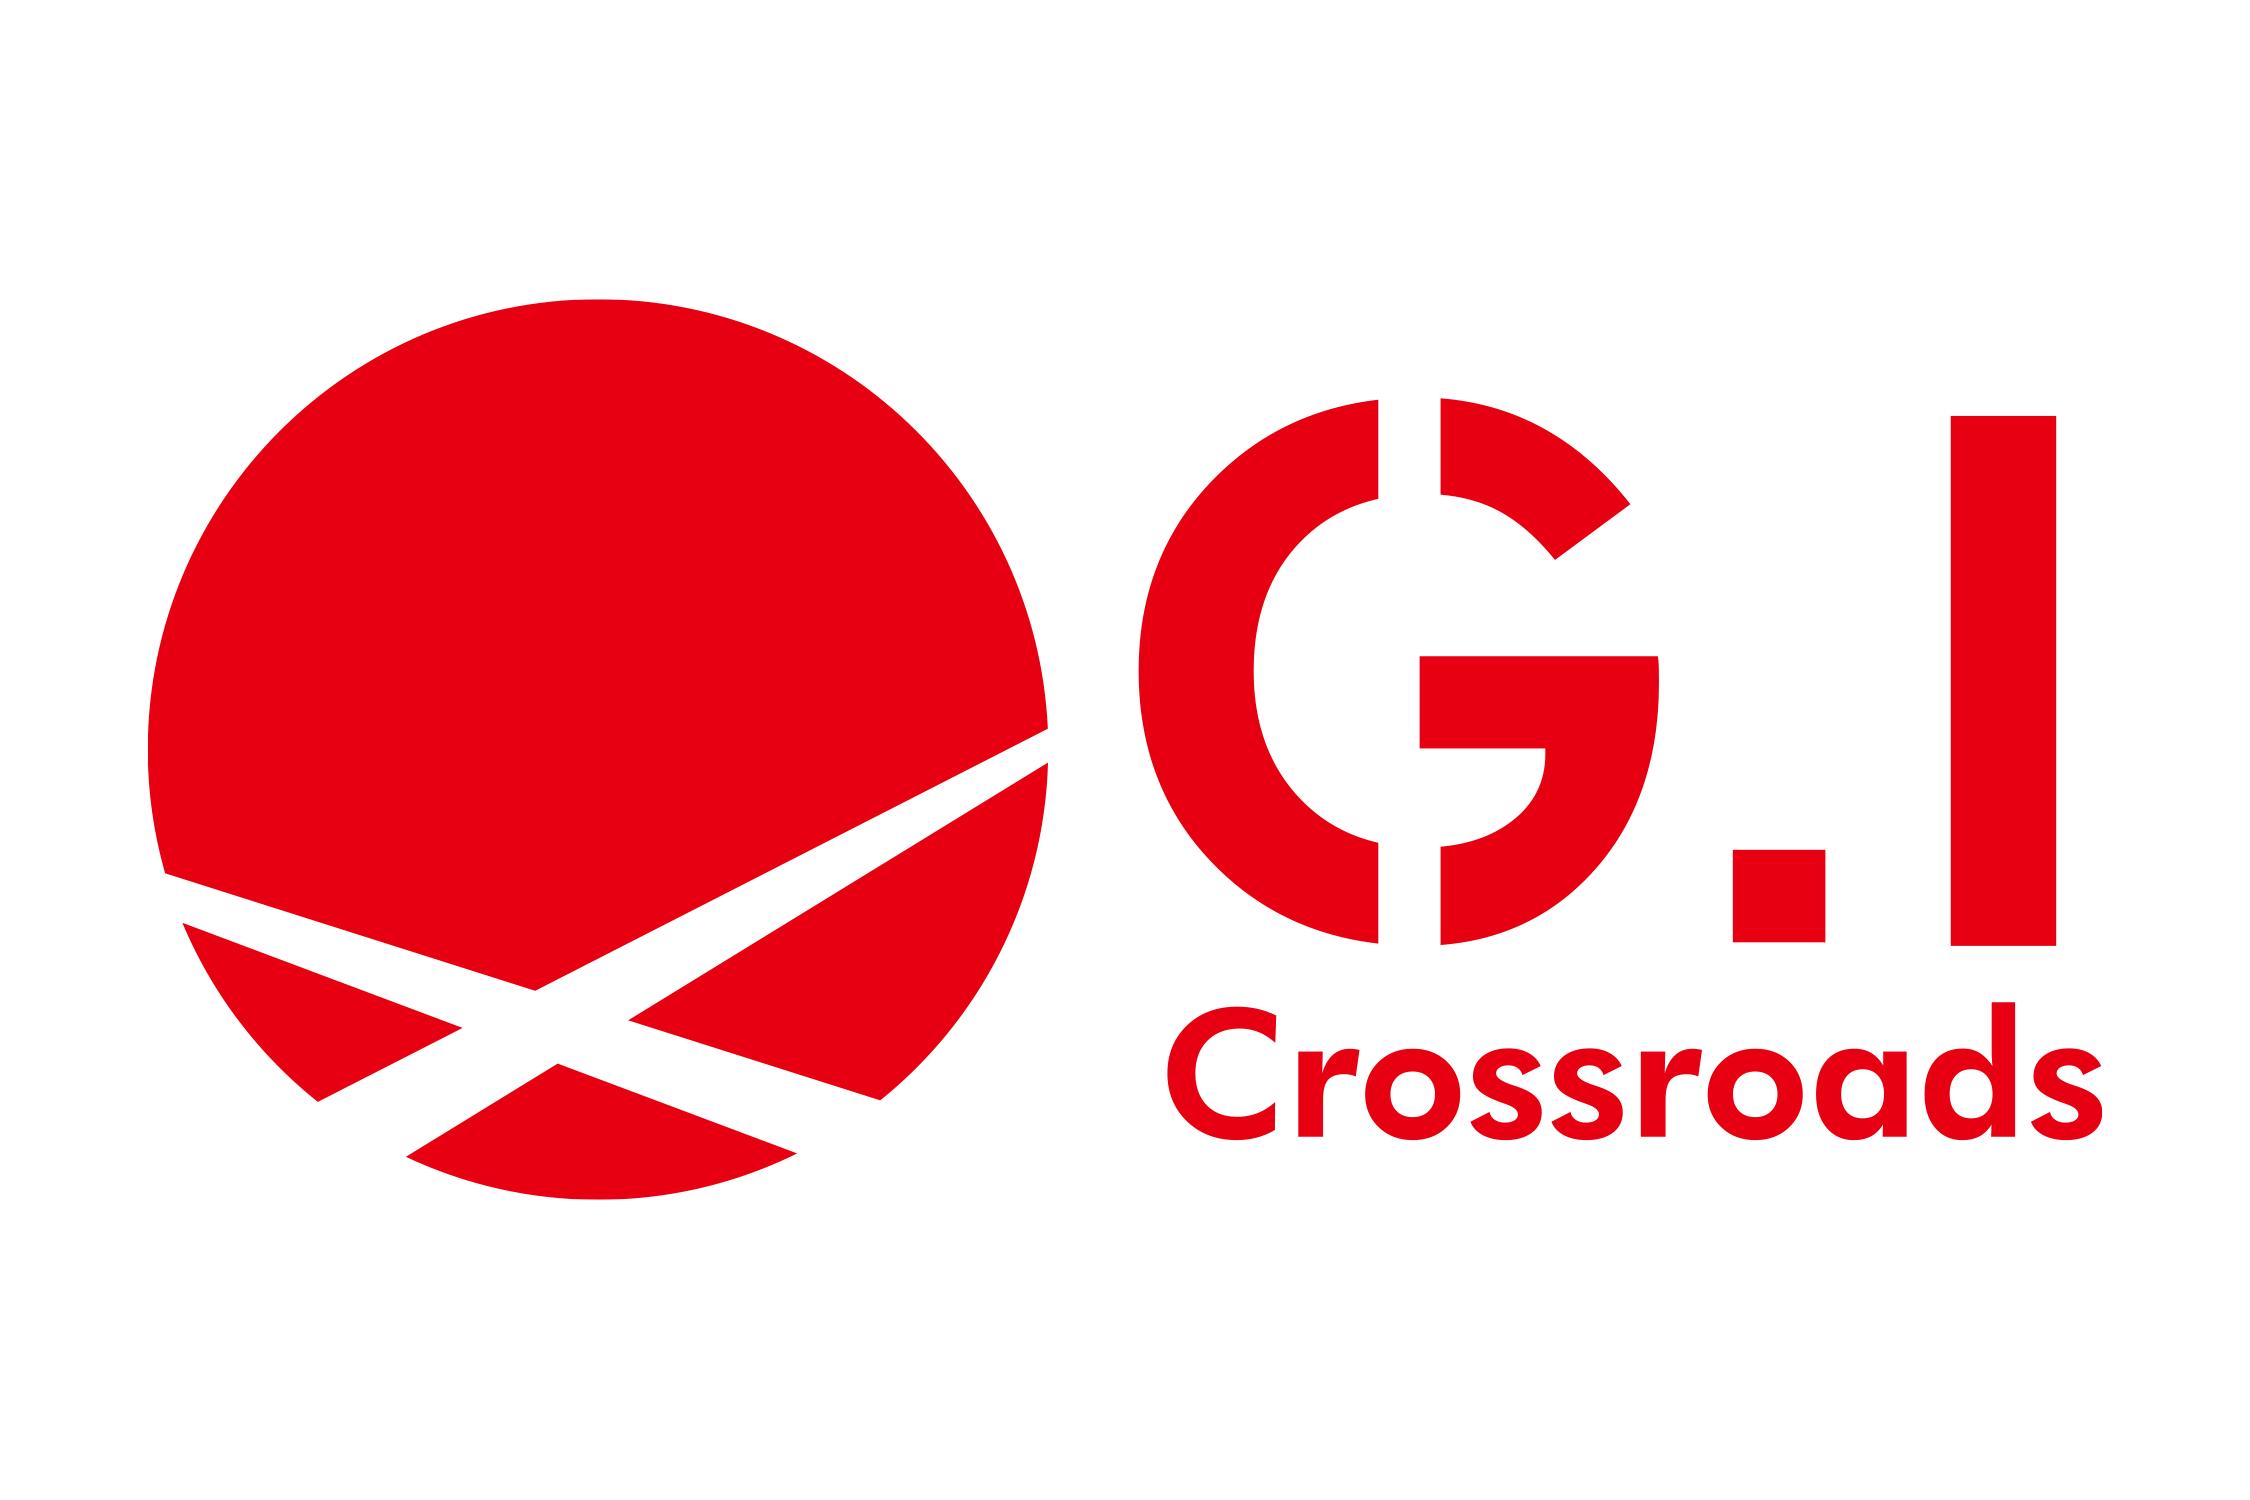 ロゴ g i crossroads 制作実績 colors カラーズ 印刷物 商業広告